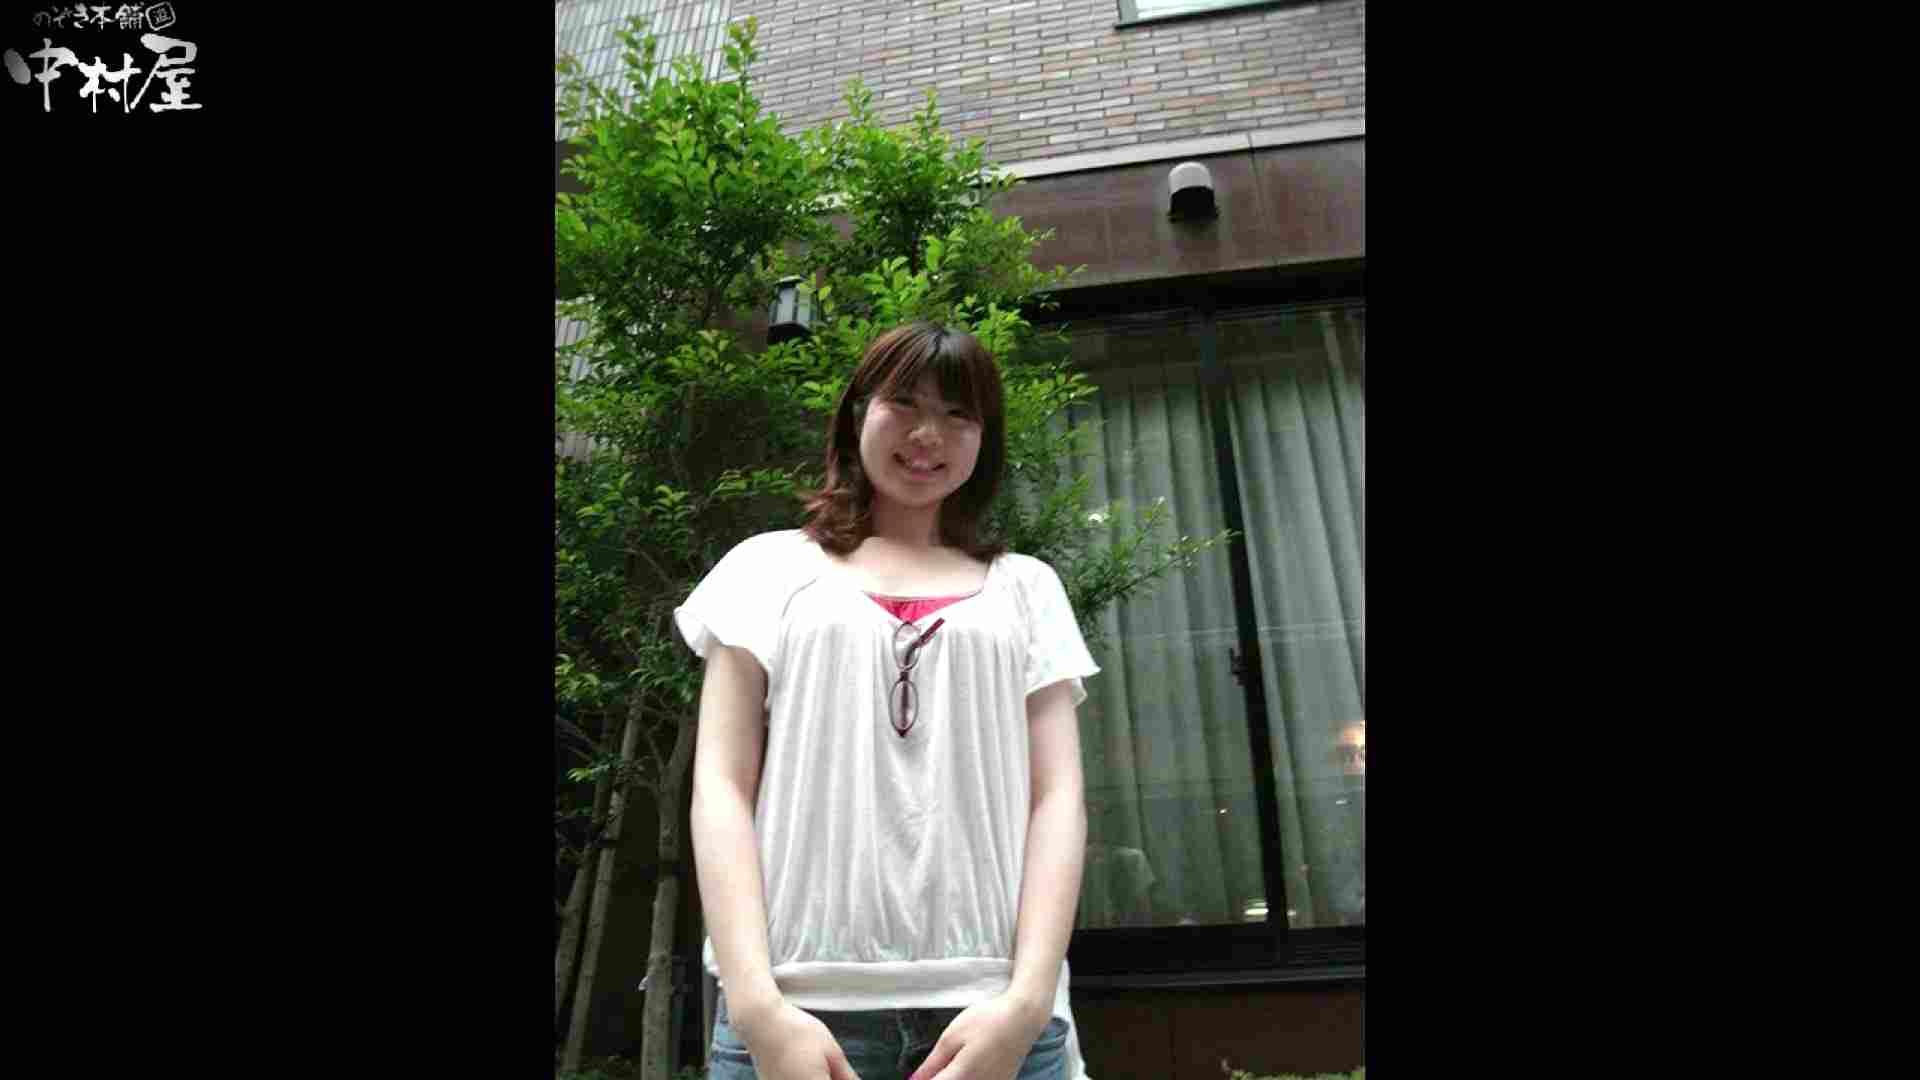 ネムリ姫 vol.57 イタズラ映像 | 浴衣  11枚 1